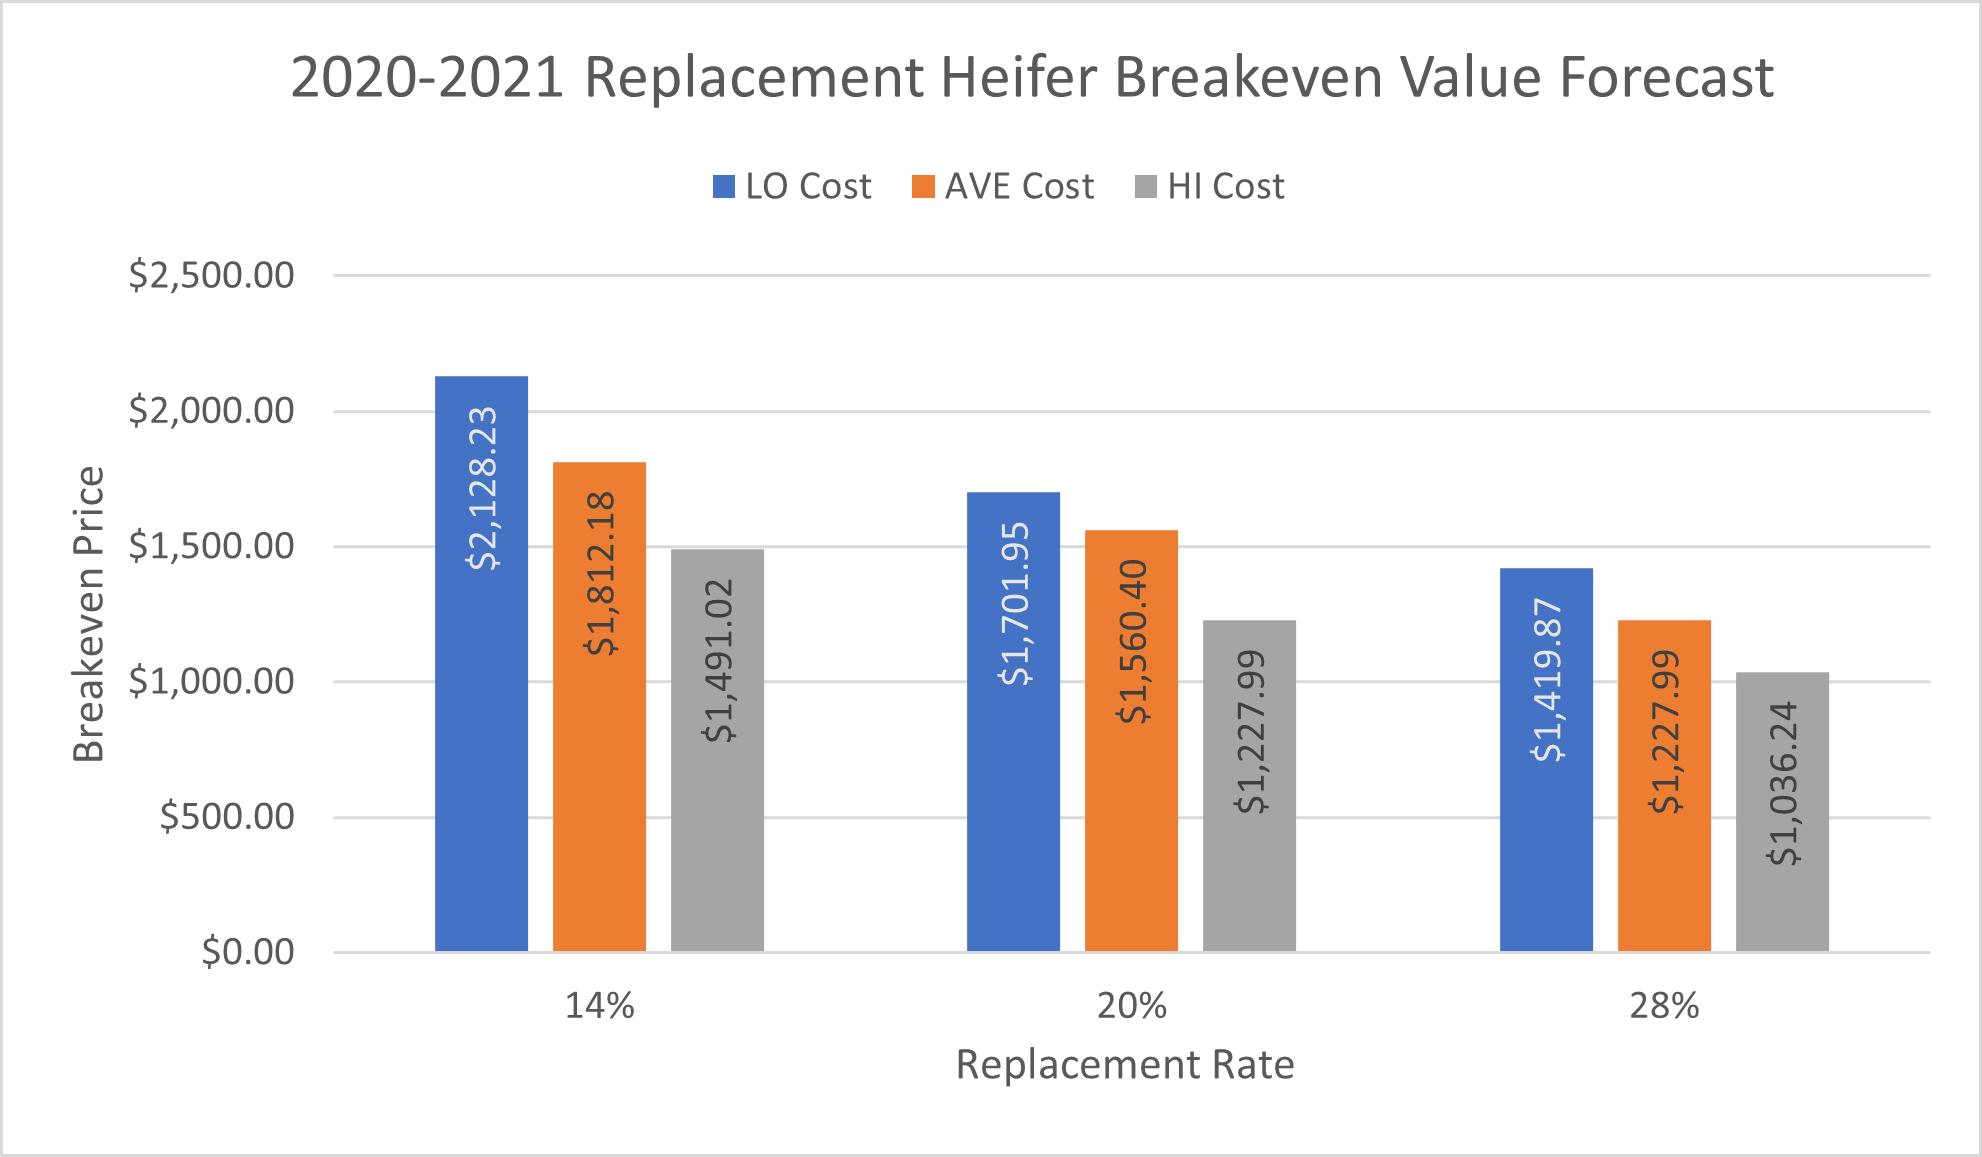 Forecasted breakeven values